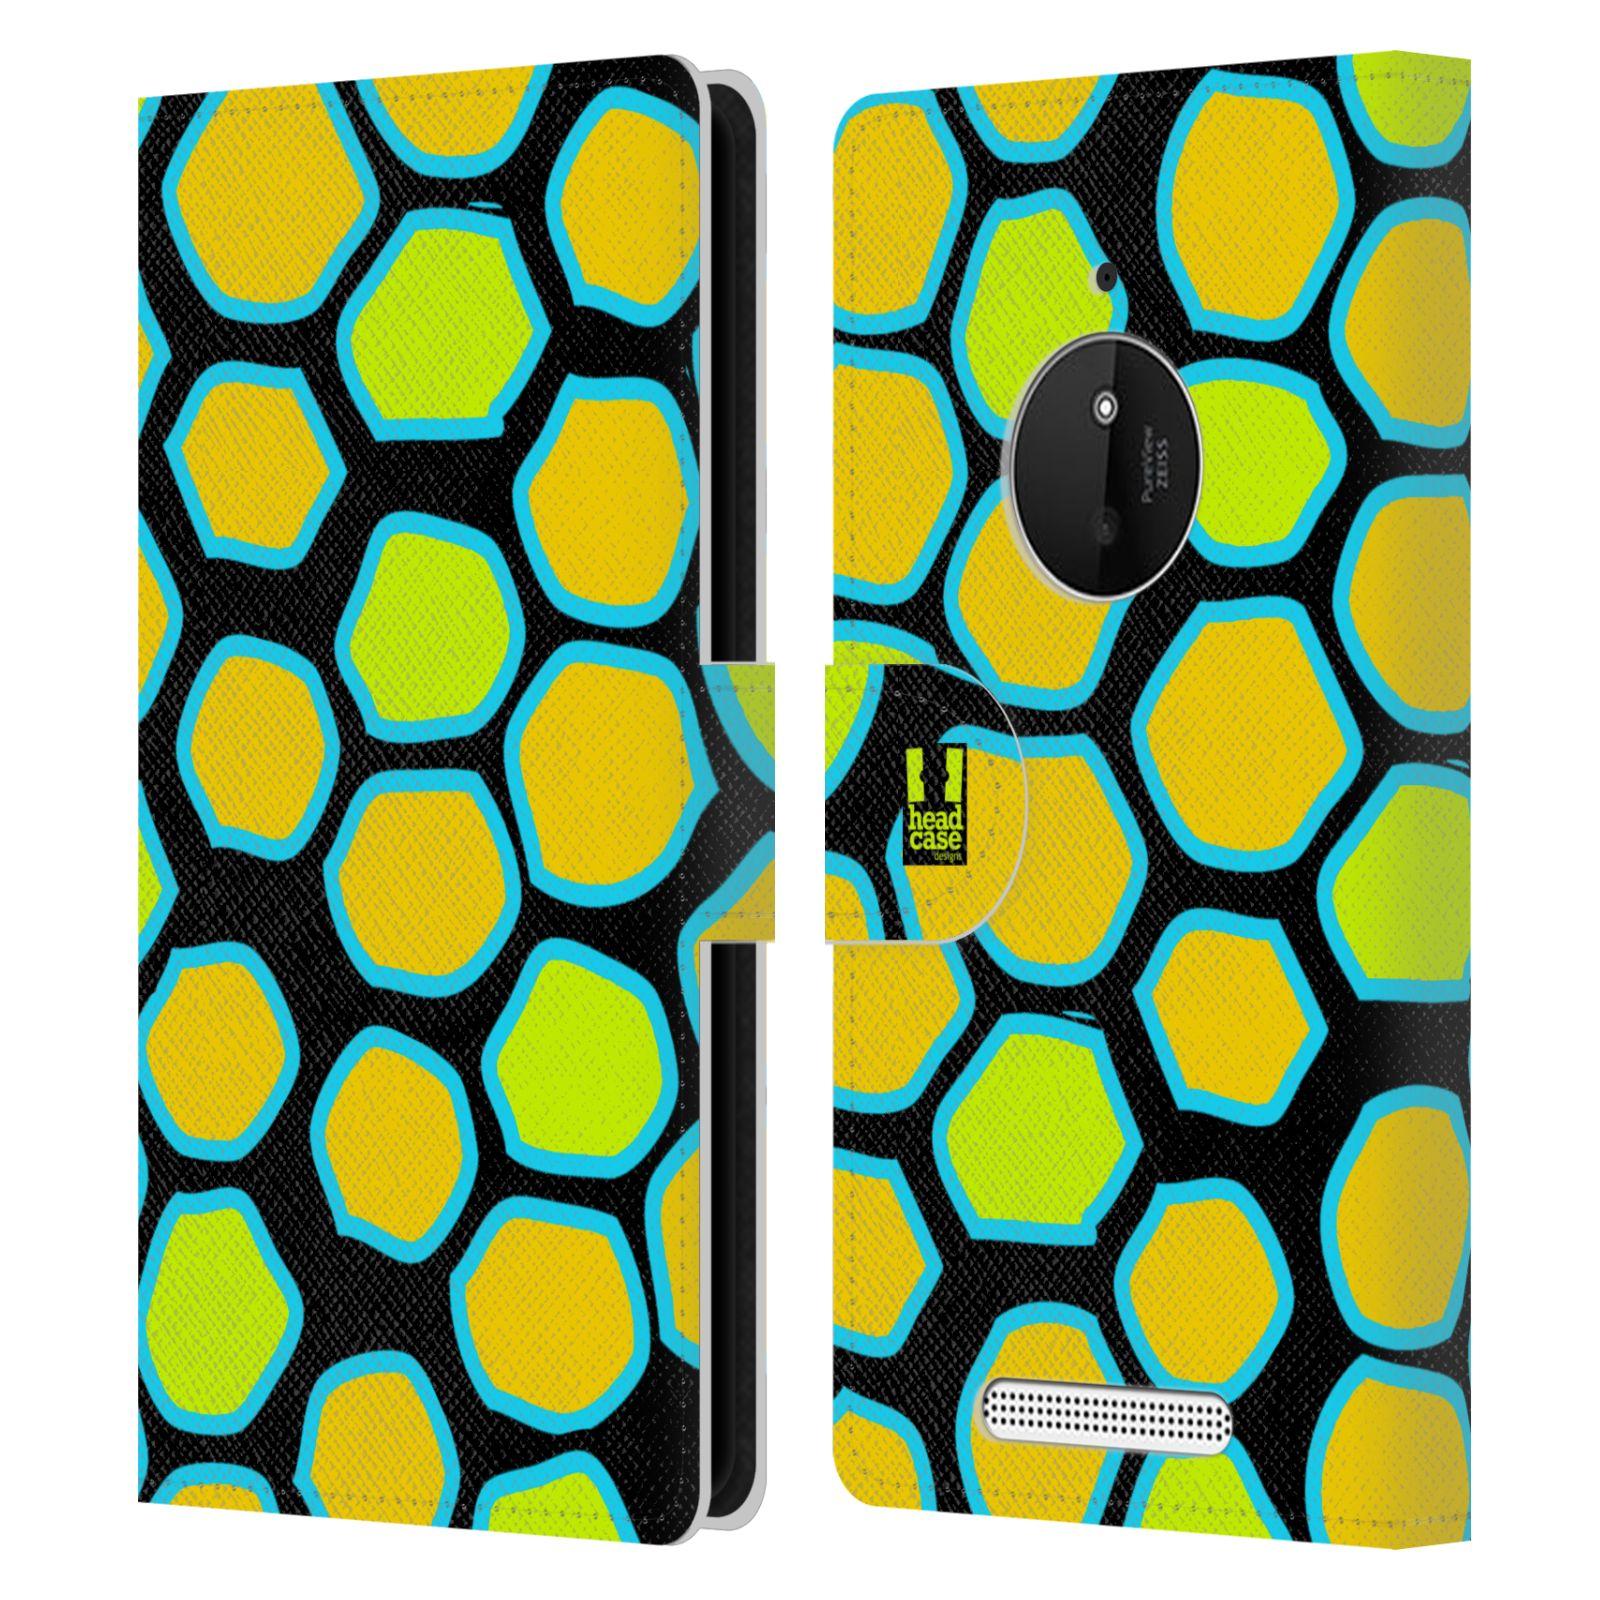 HEAD CASE Flipové pouzdro pro mobil NOKIA LUMIA 830 Zvířecí barevné vzory žlutý had